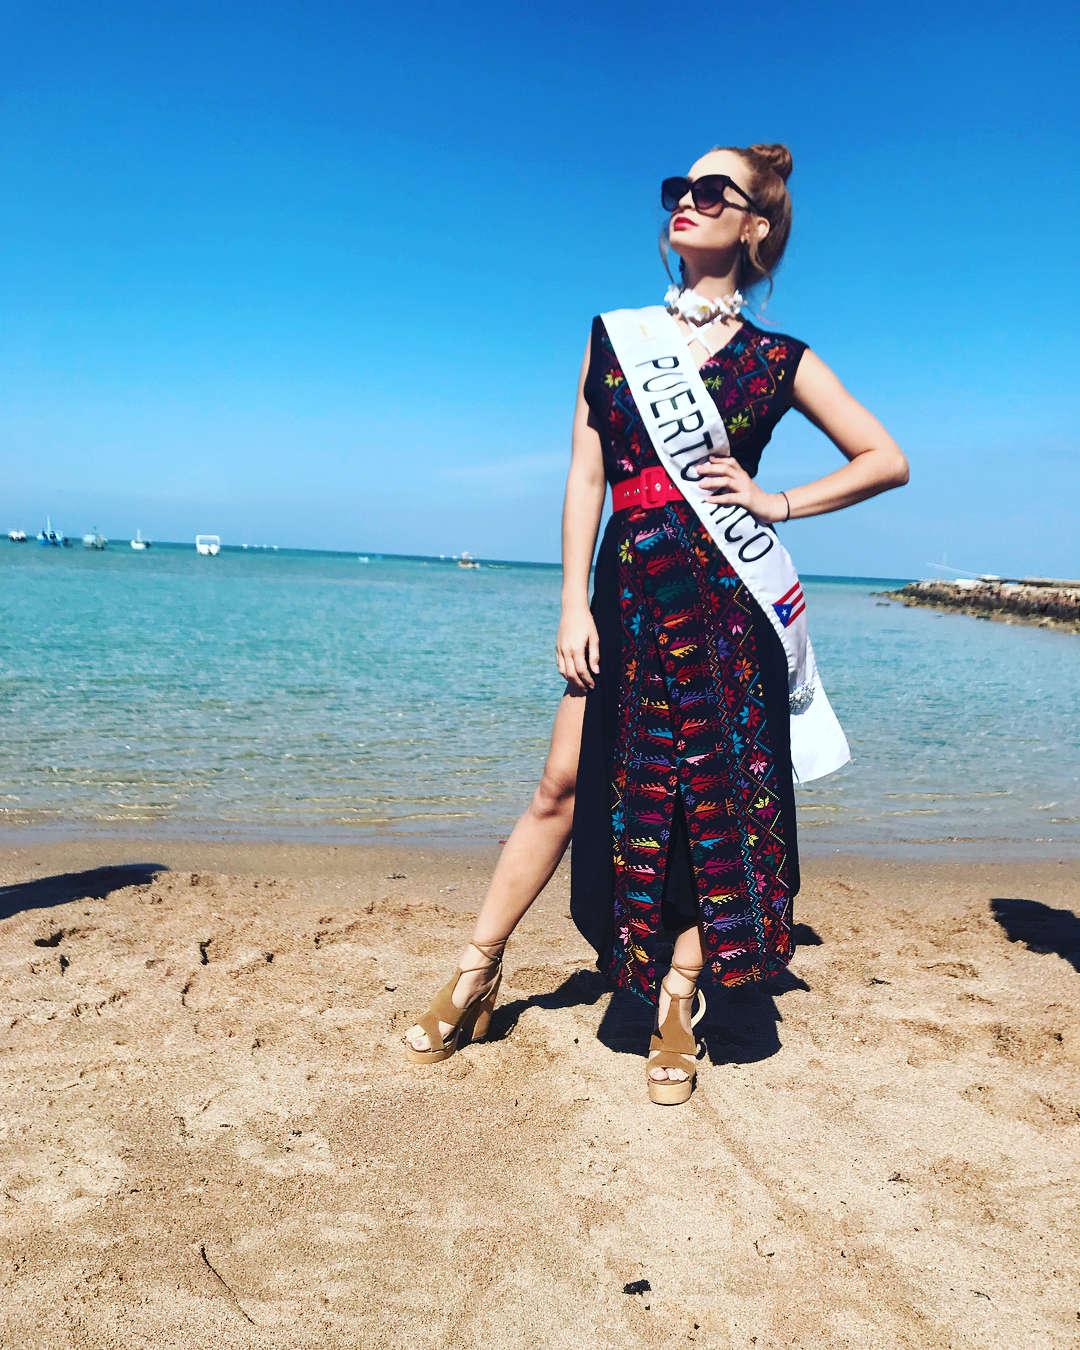 josmarie soto mercado, miss puerto rico intercontinental 2017. - Página 13 26181911